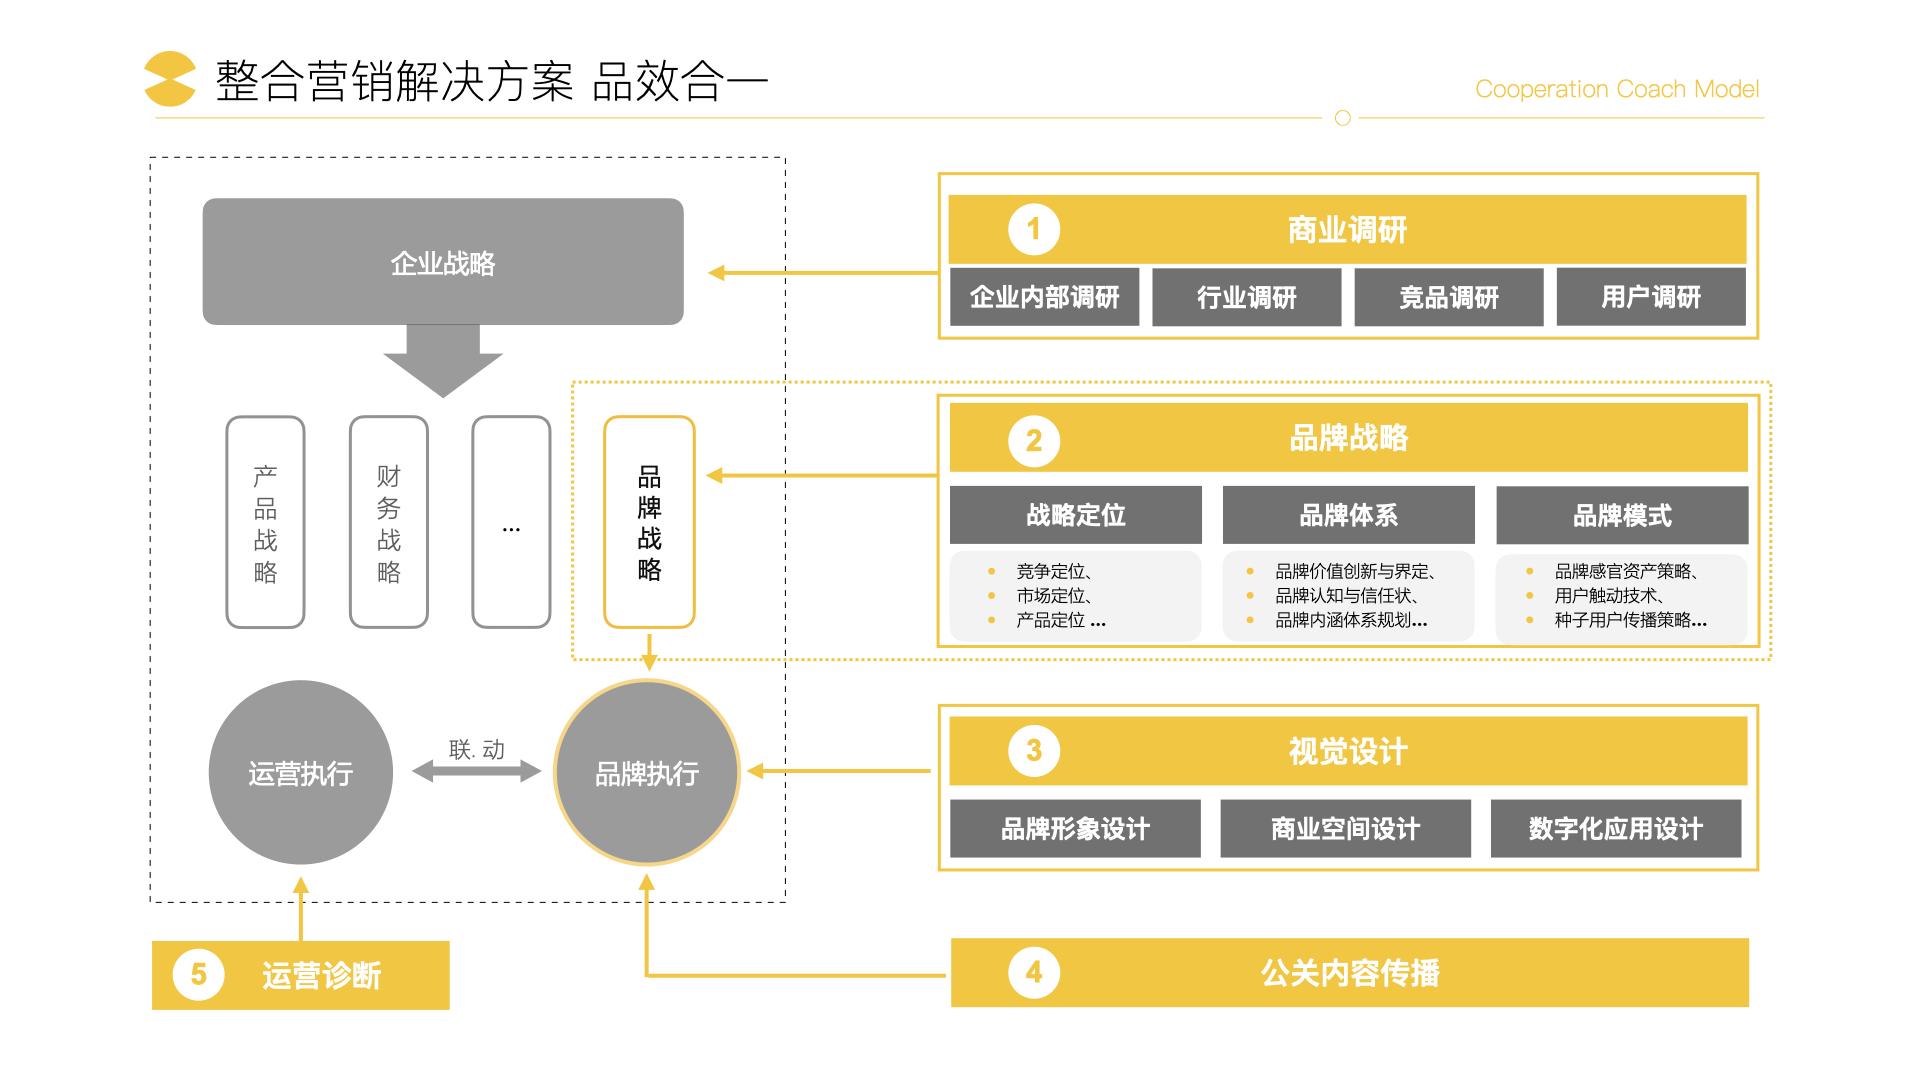 【公司-企业介绍】达岸品牌营销机构20200526.012